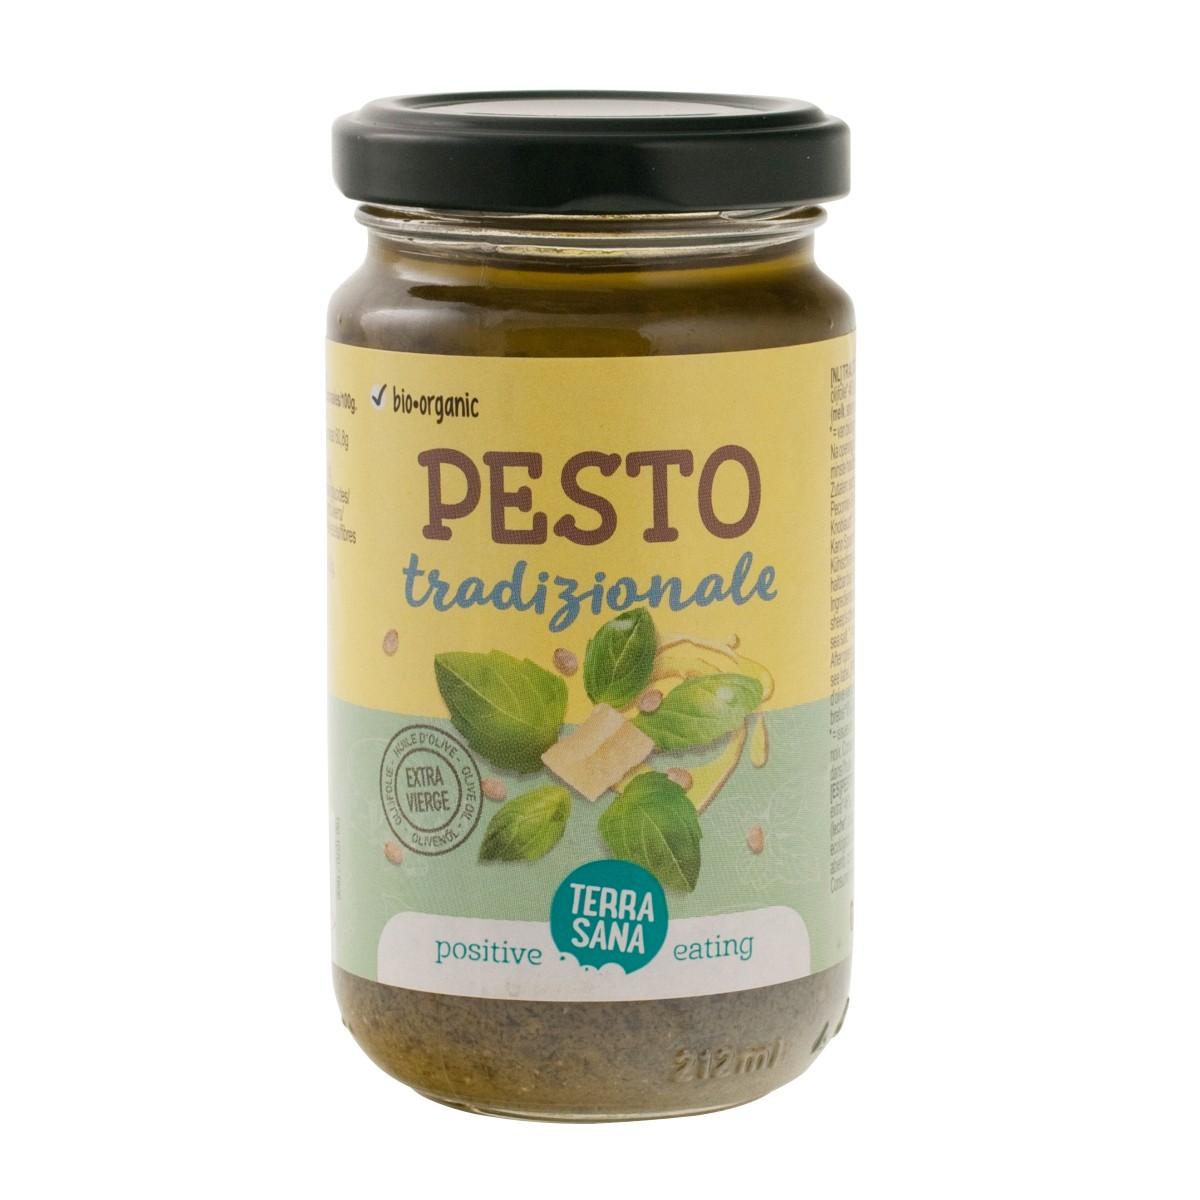 Pesto Tradizionale